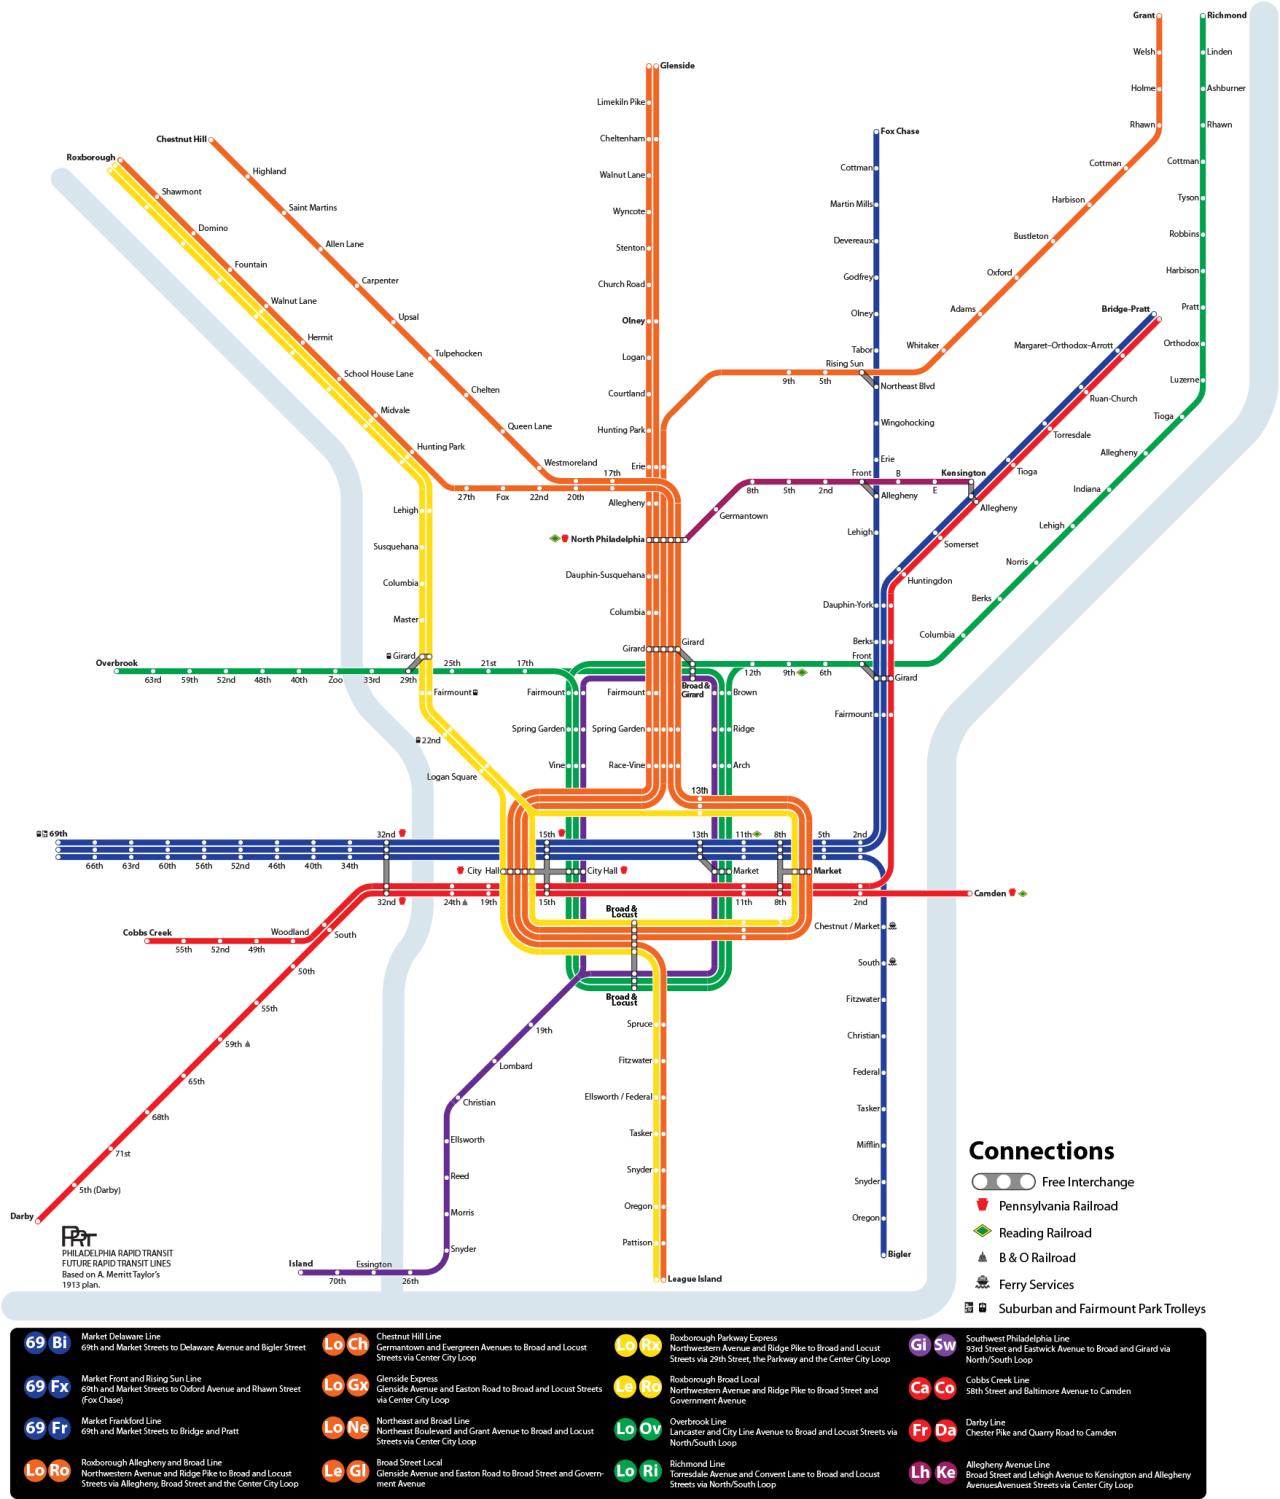 Philadelphia_Arthur_Merritt_Transit_Map.png